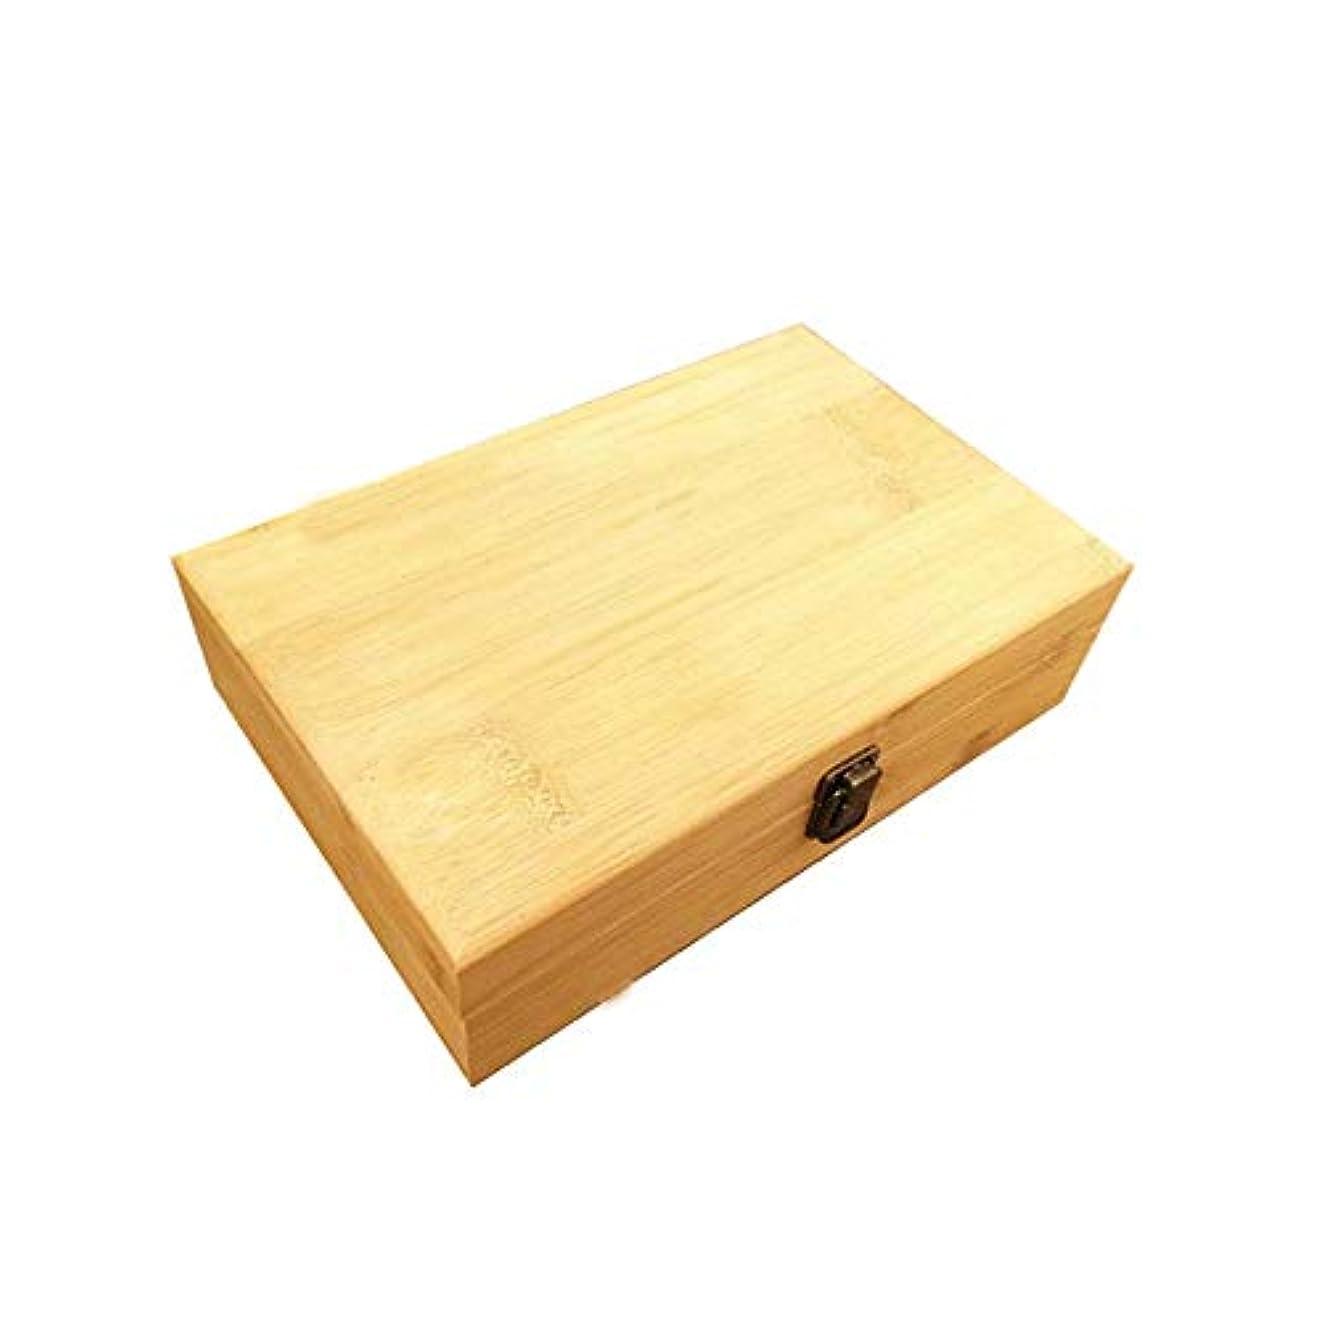 等々対話無限エッセンシャルオイルの保管 40スロットエッセンシャルオイルボックス木製収納ケースは、40本のボトルエッセンシャルオイルスペースセーバーの開催します (色 : Natural, サイズ : 29X18.5X8CM)